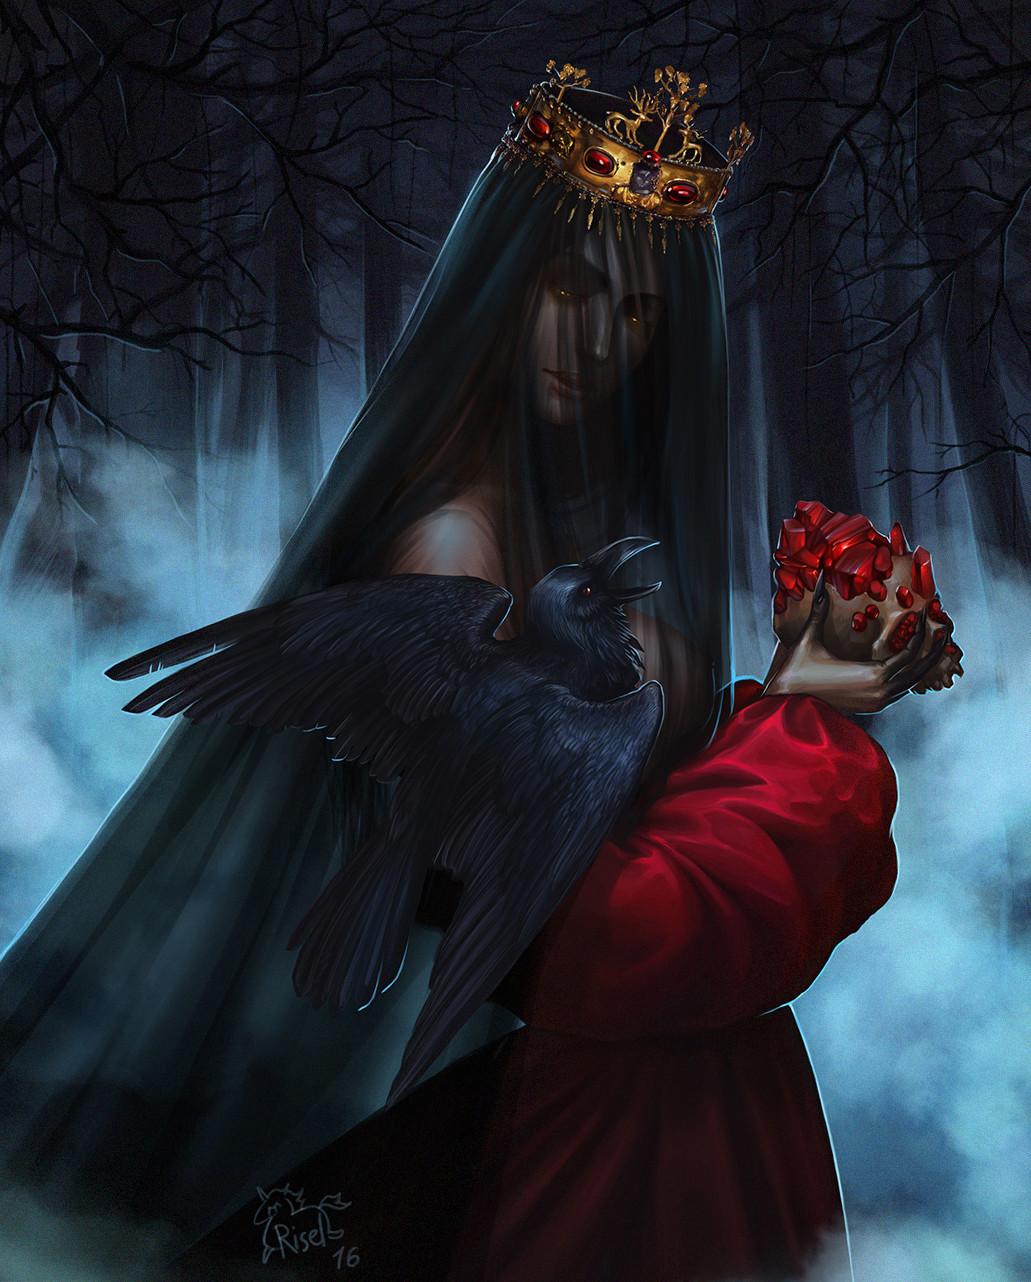 Картинки ведьмы с вороном